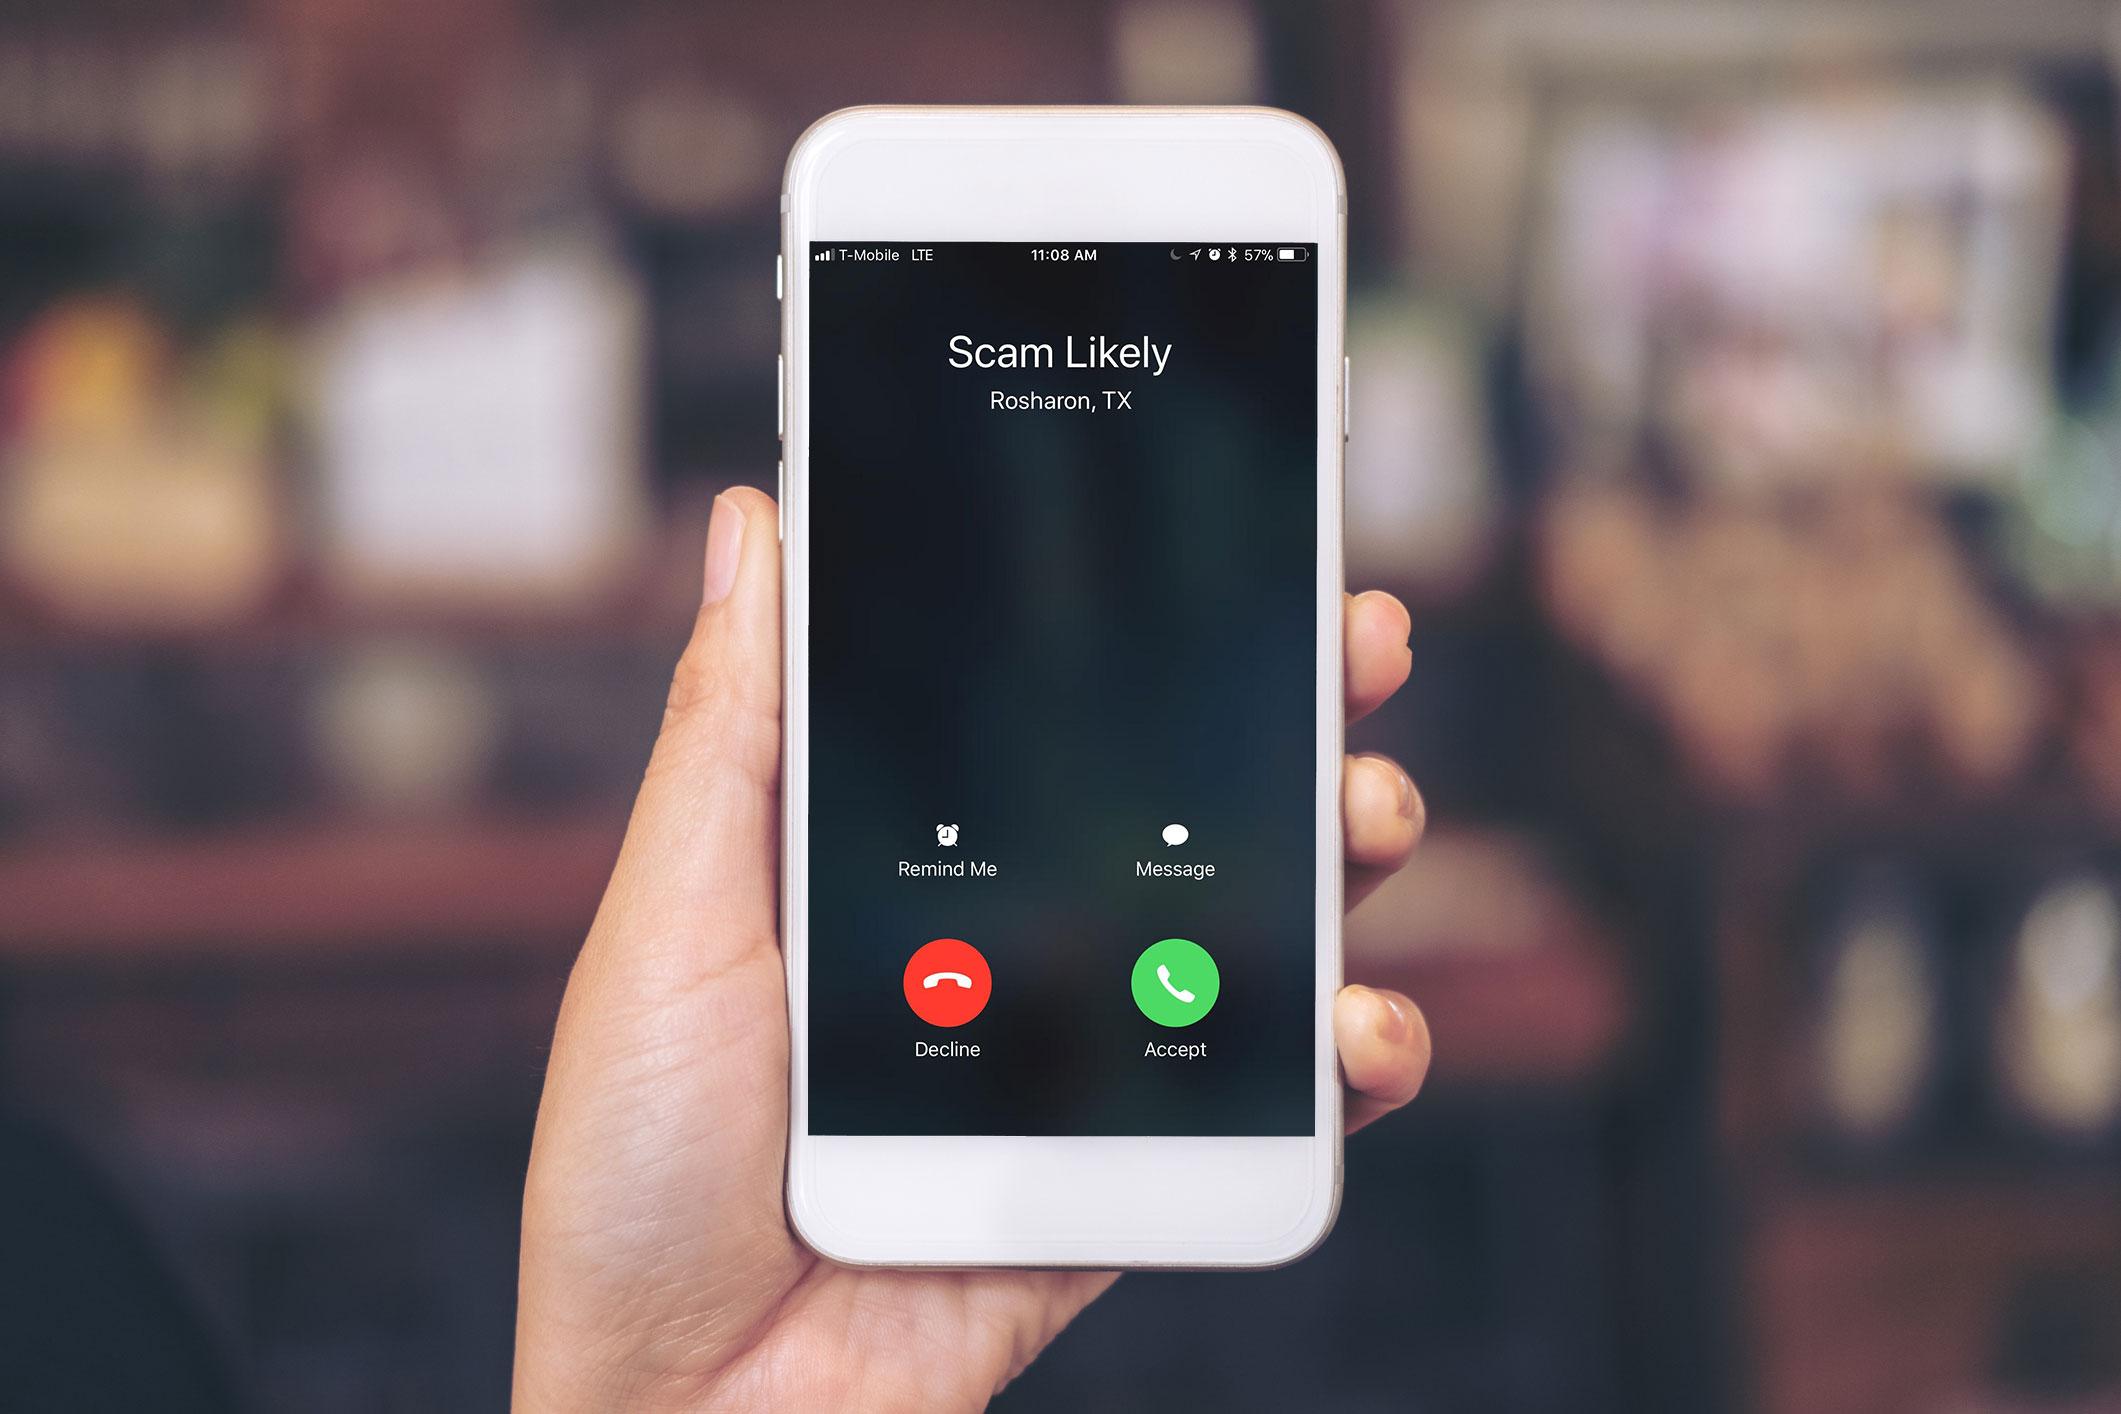 طريقة تسجيل المكالمات على الايفون من خلال 4 طرق مختلفة